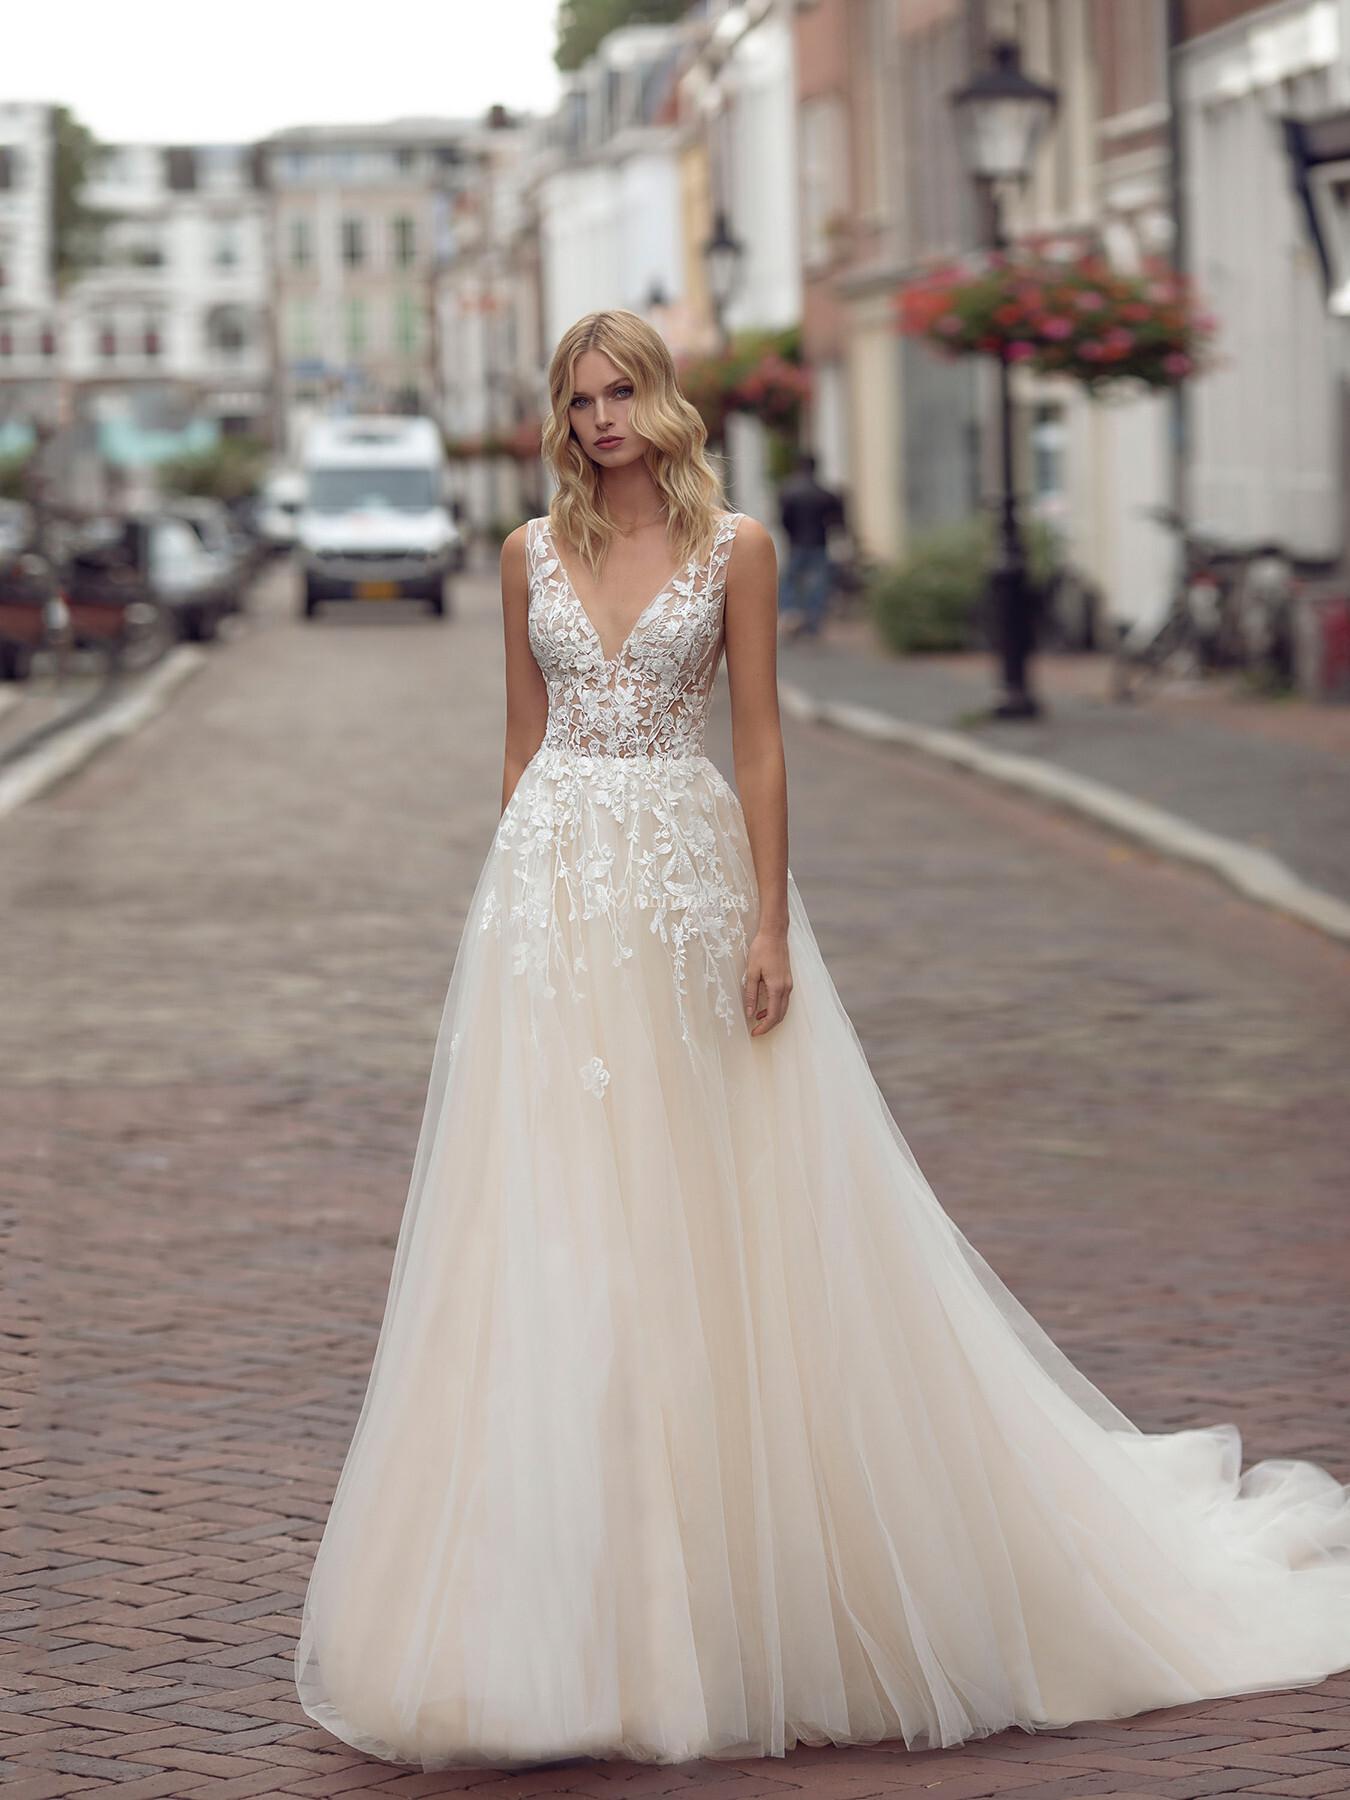 MODECA KIMBERLEY les mariées du faubourg vernet robes de mariées monteux vaucluse